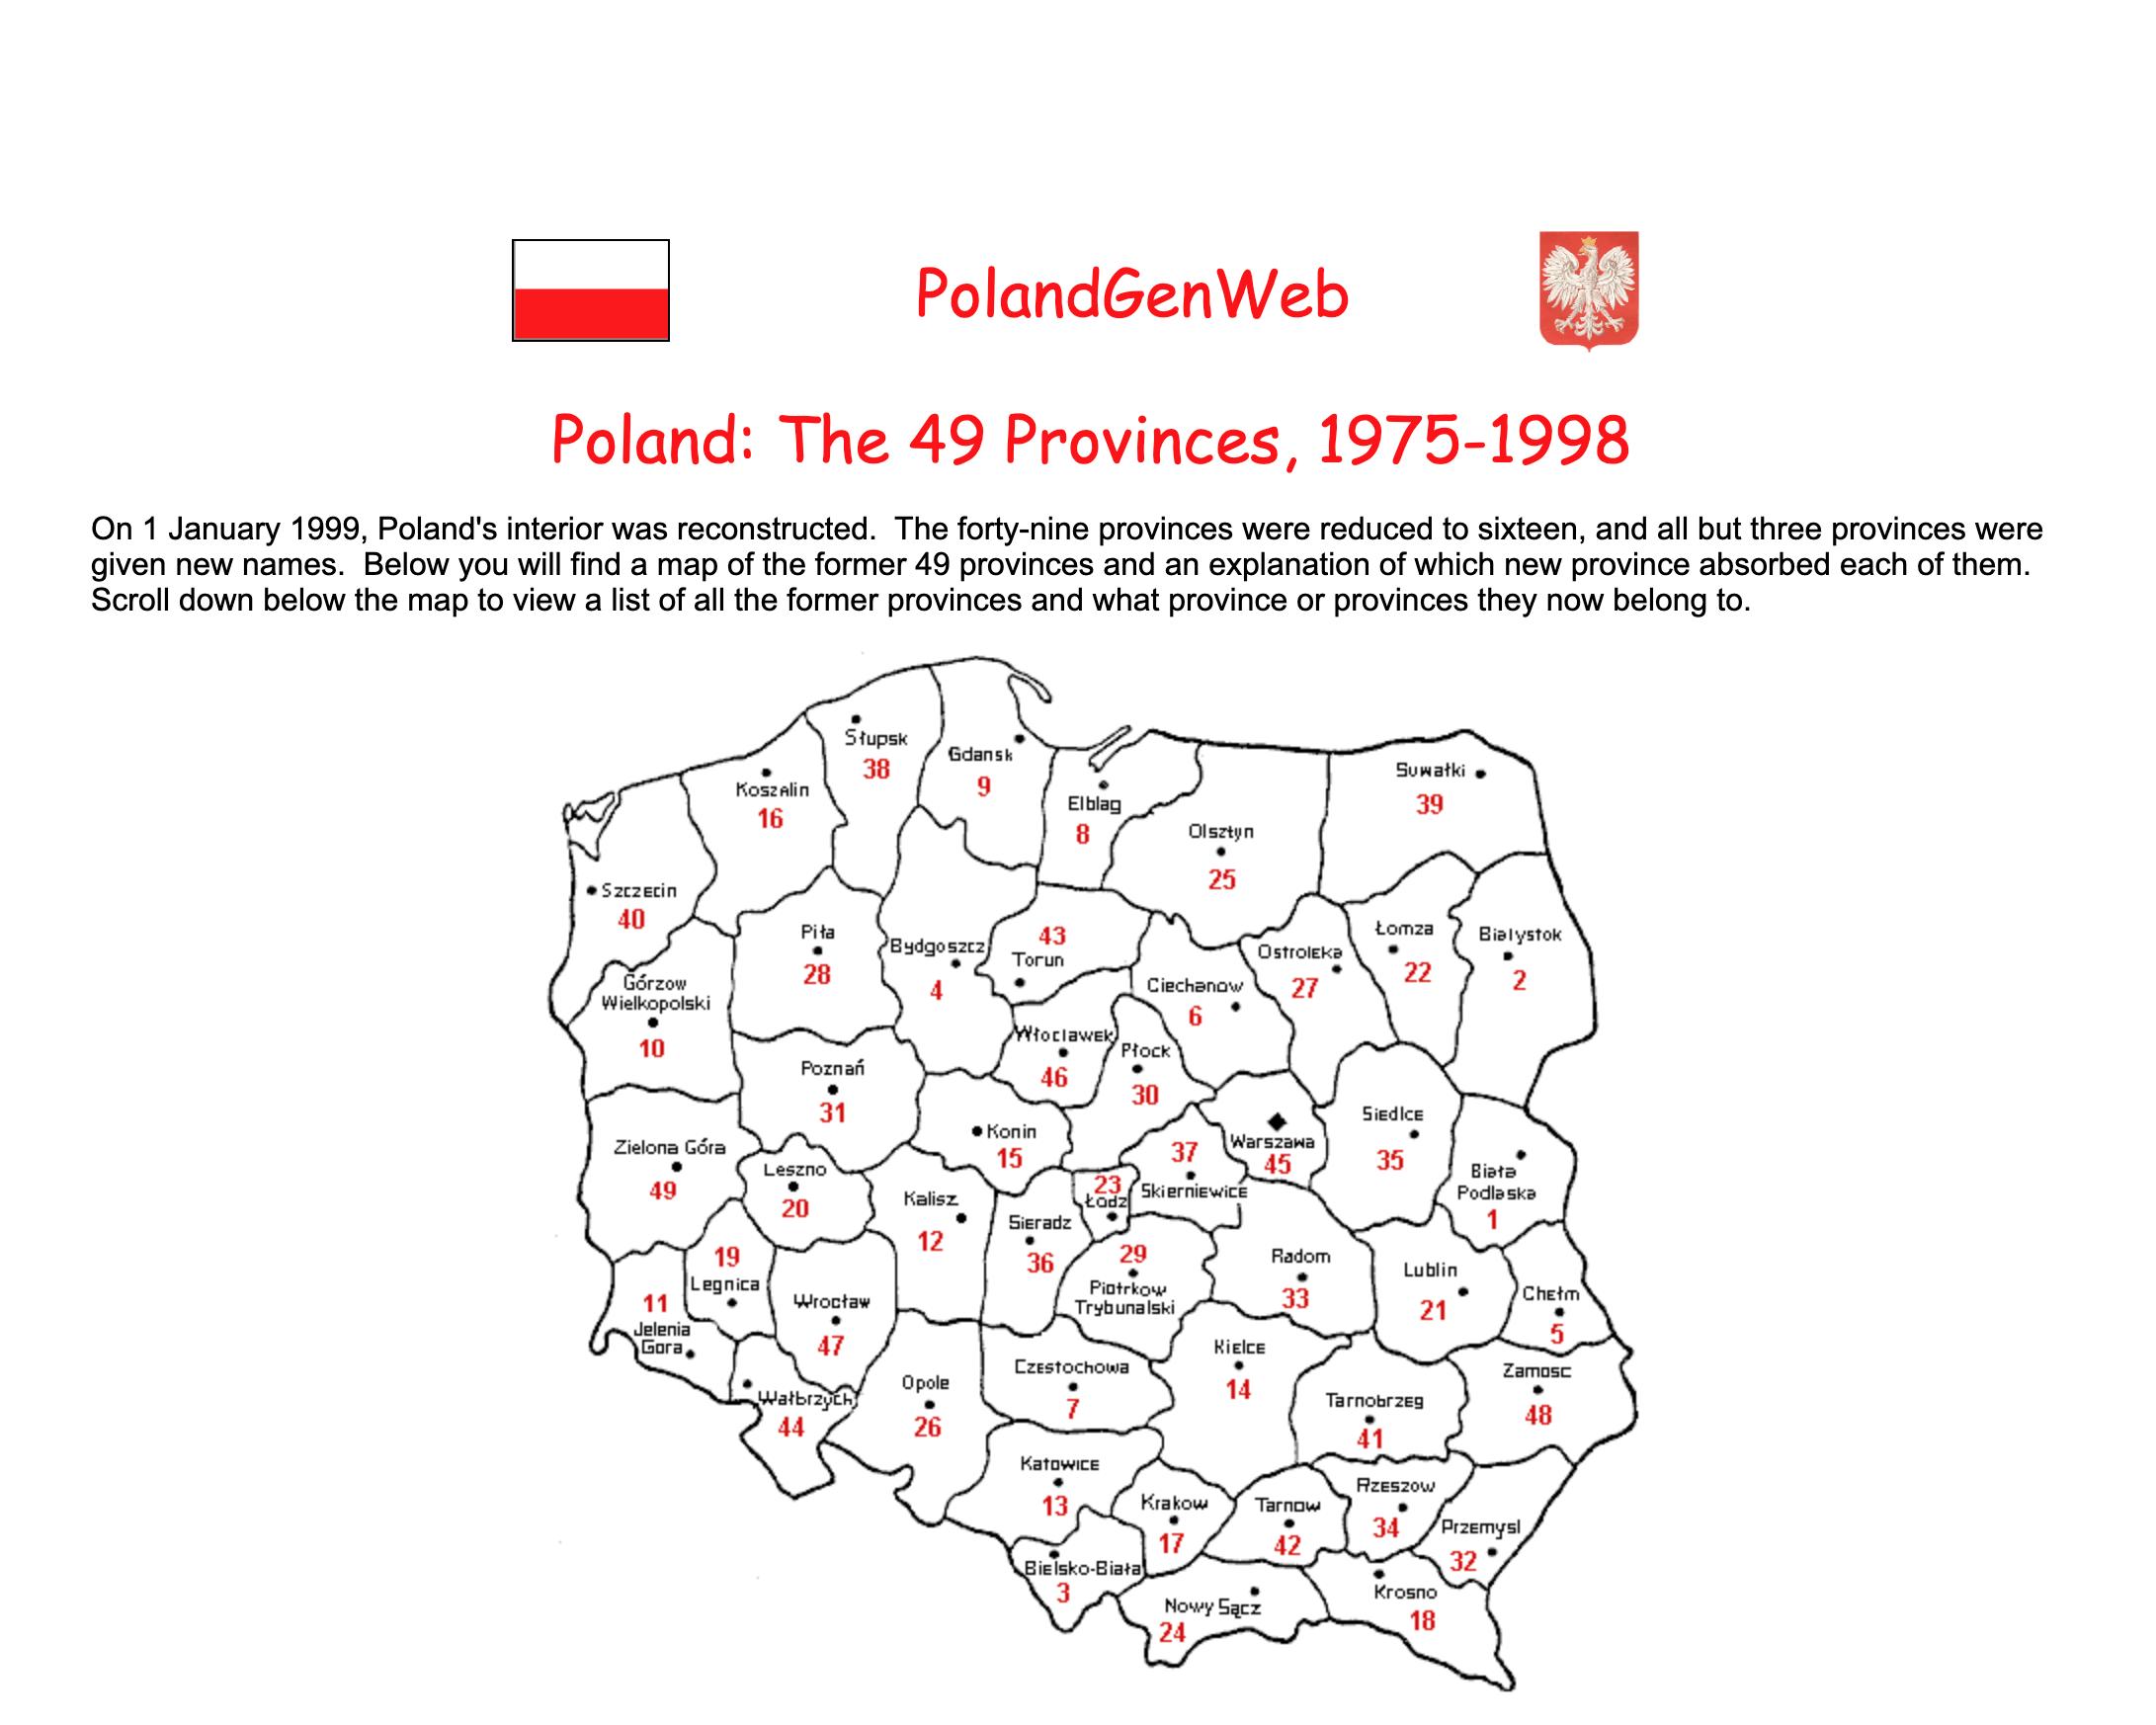 PolandGenWeb Provinces 1975-1998